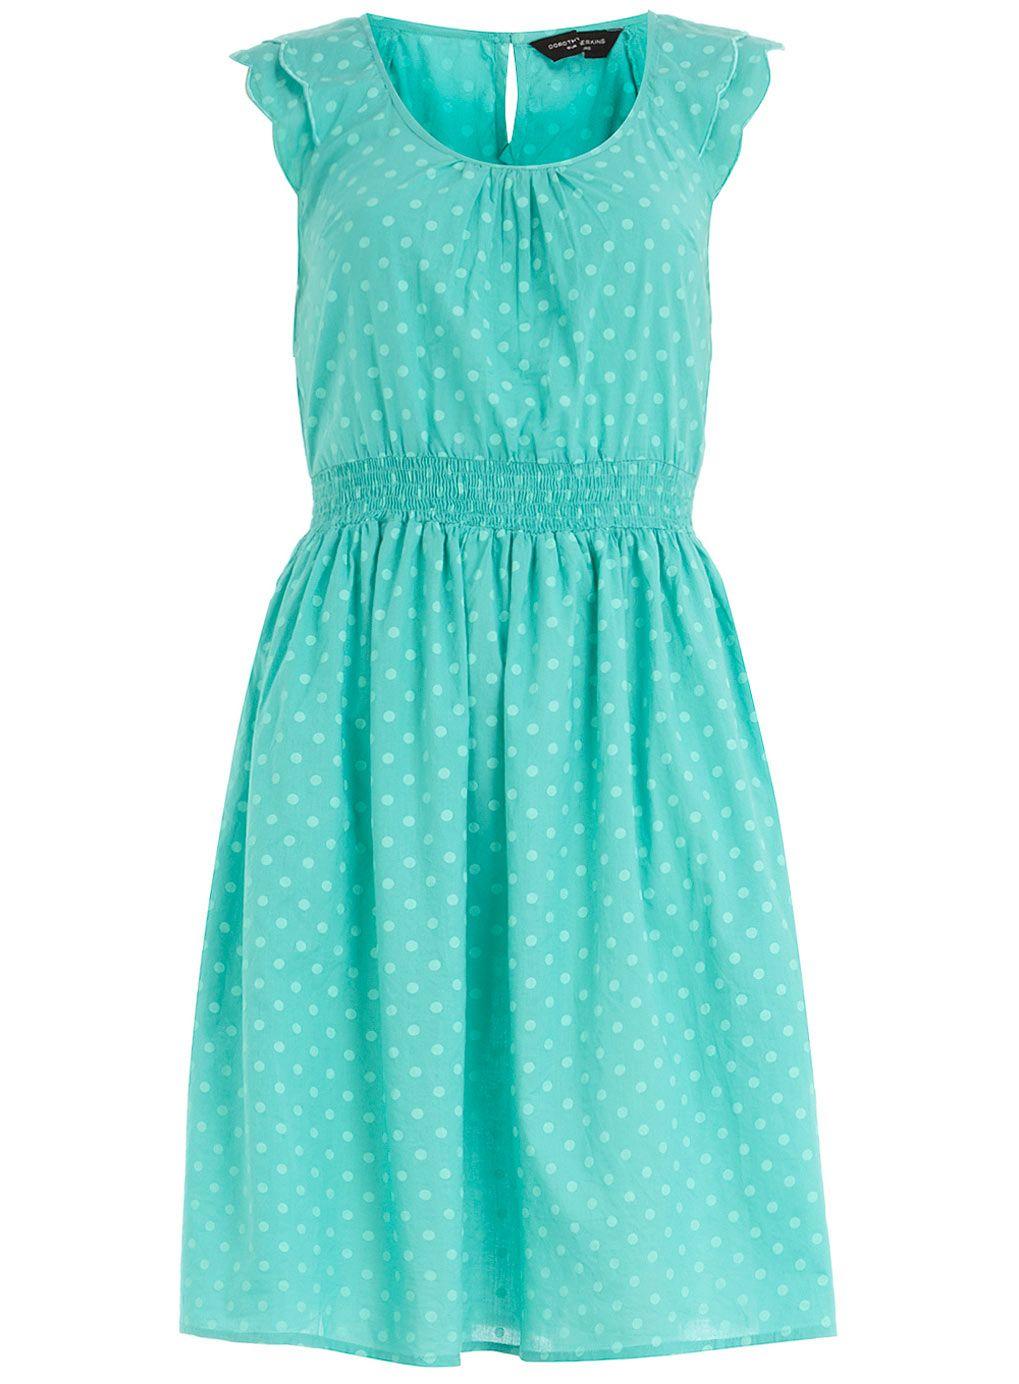 Turquoise polka dot sundress $44